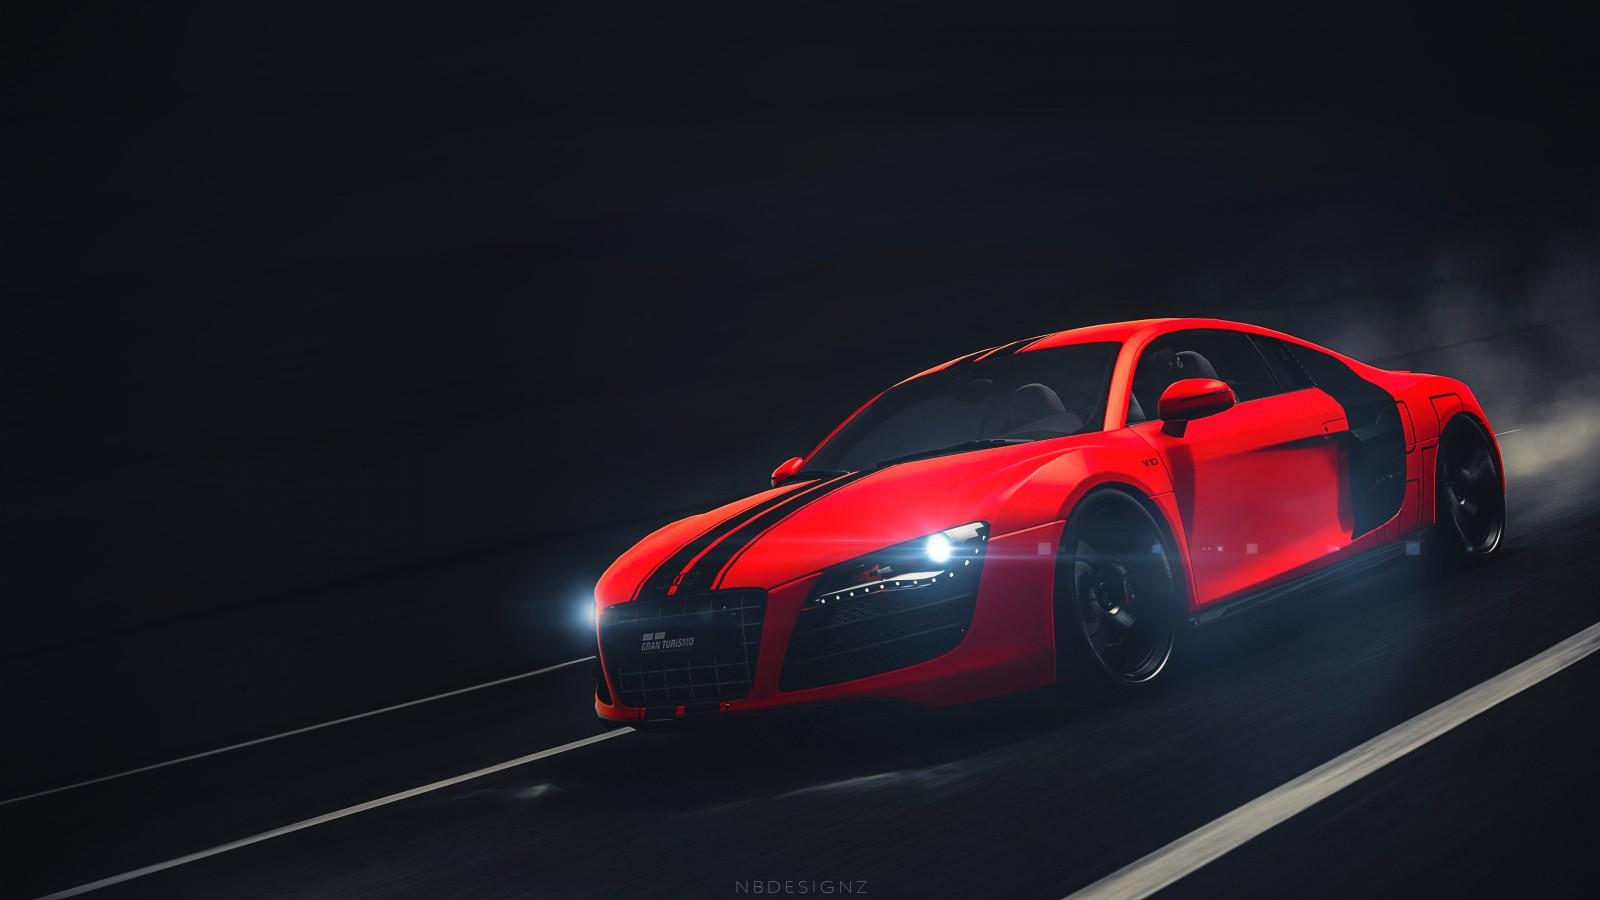 Audi Concept Car Wallpaper Audi R8 5 2 V10 Gran Turismo 6 Wallpaper Hd Car